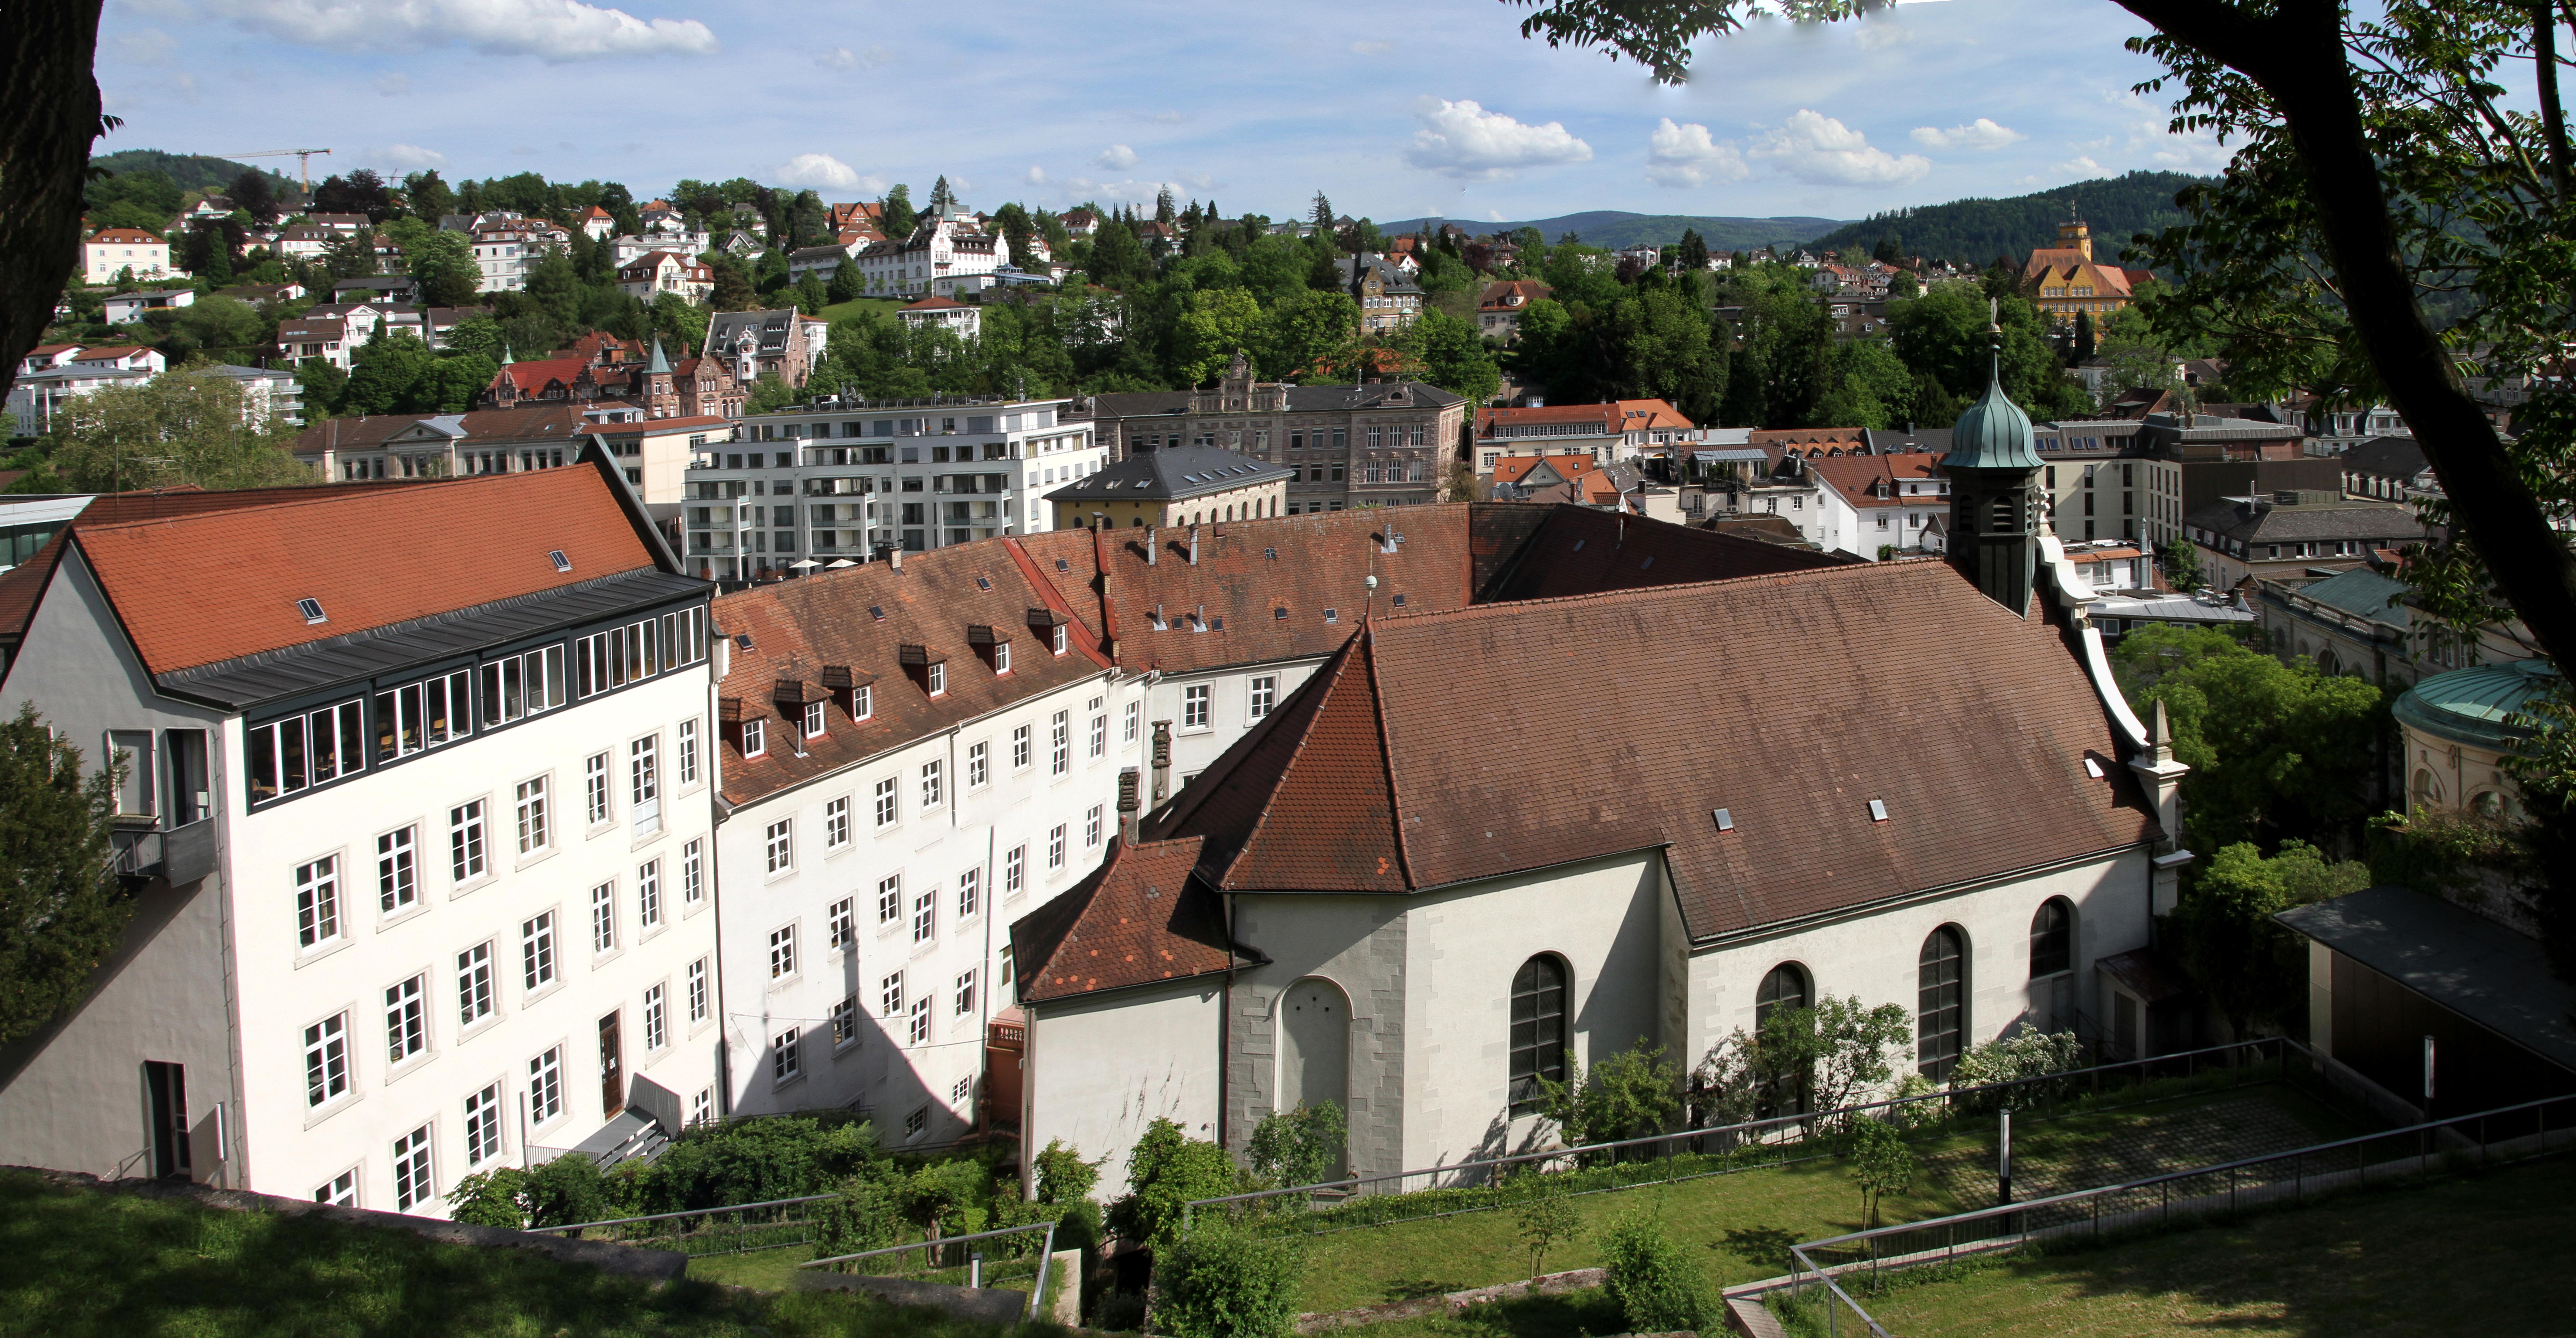 Klosterschule vom heiligen grab